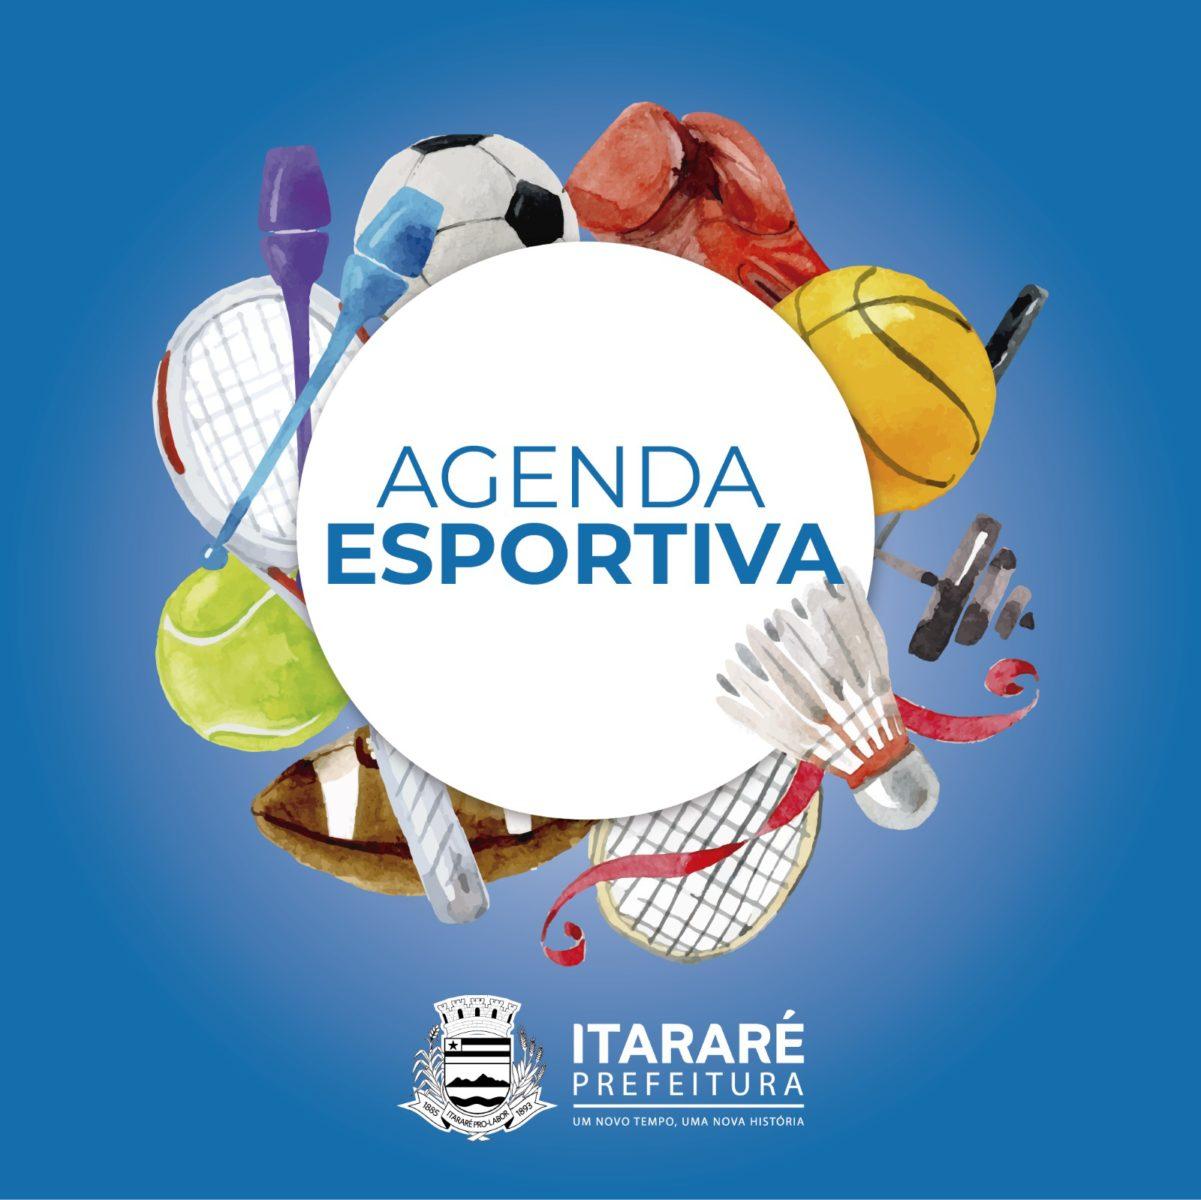 Agenda Esportiva: 2º Desafio Rio Verde/Rio da Vaca Trail Run acontece neste domingo (09) em Itararé (SP)